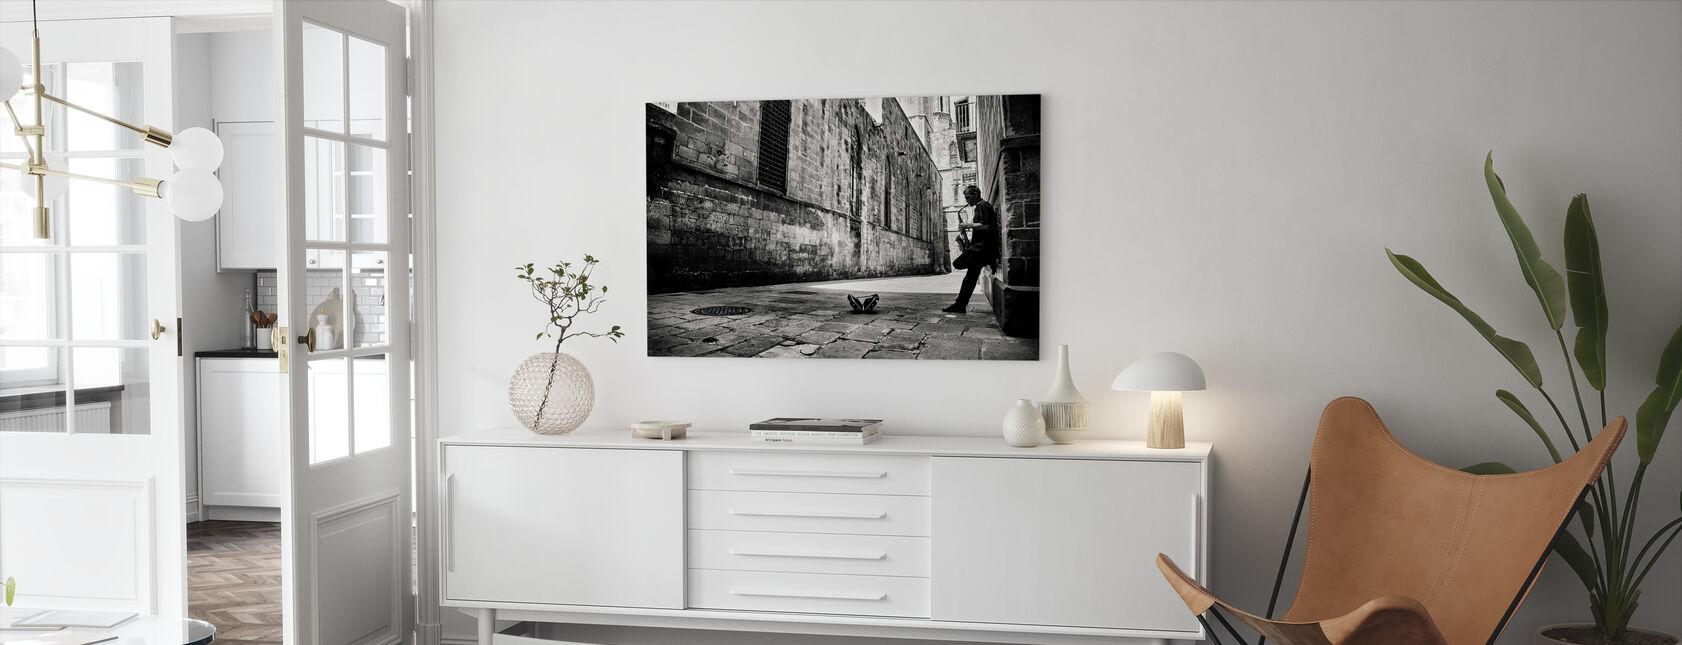 Silent Street, sort og hvid - Billede på lærred - Stue